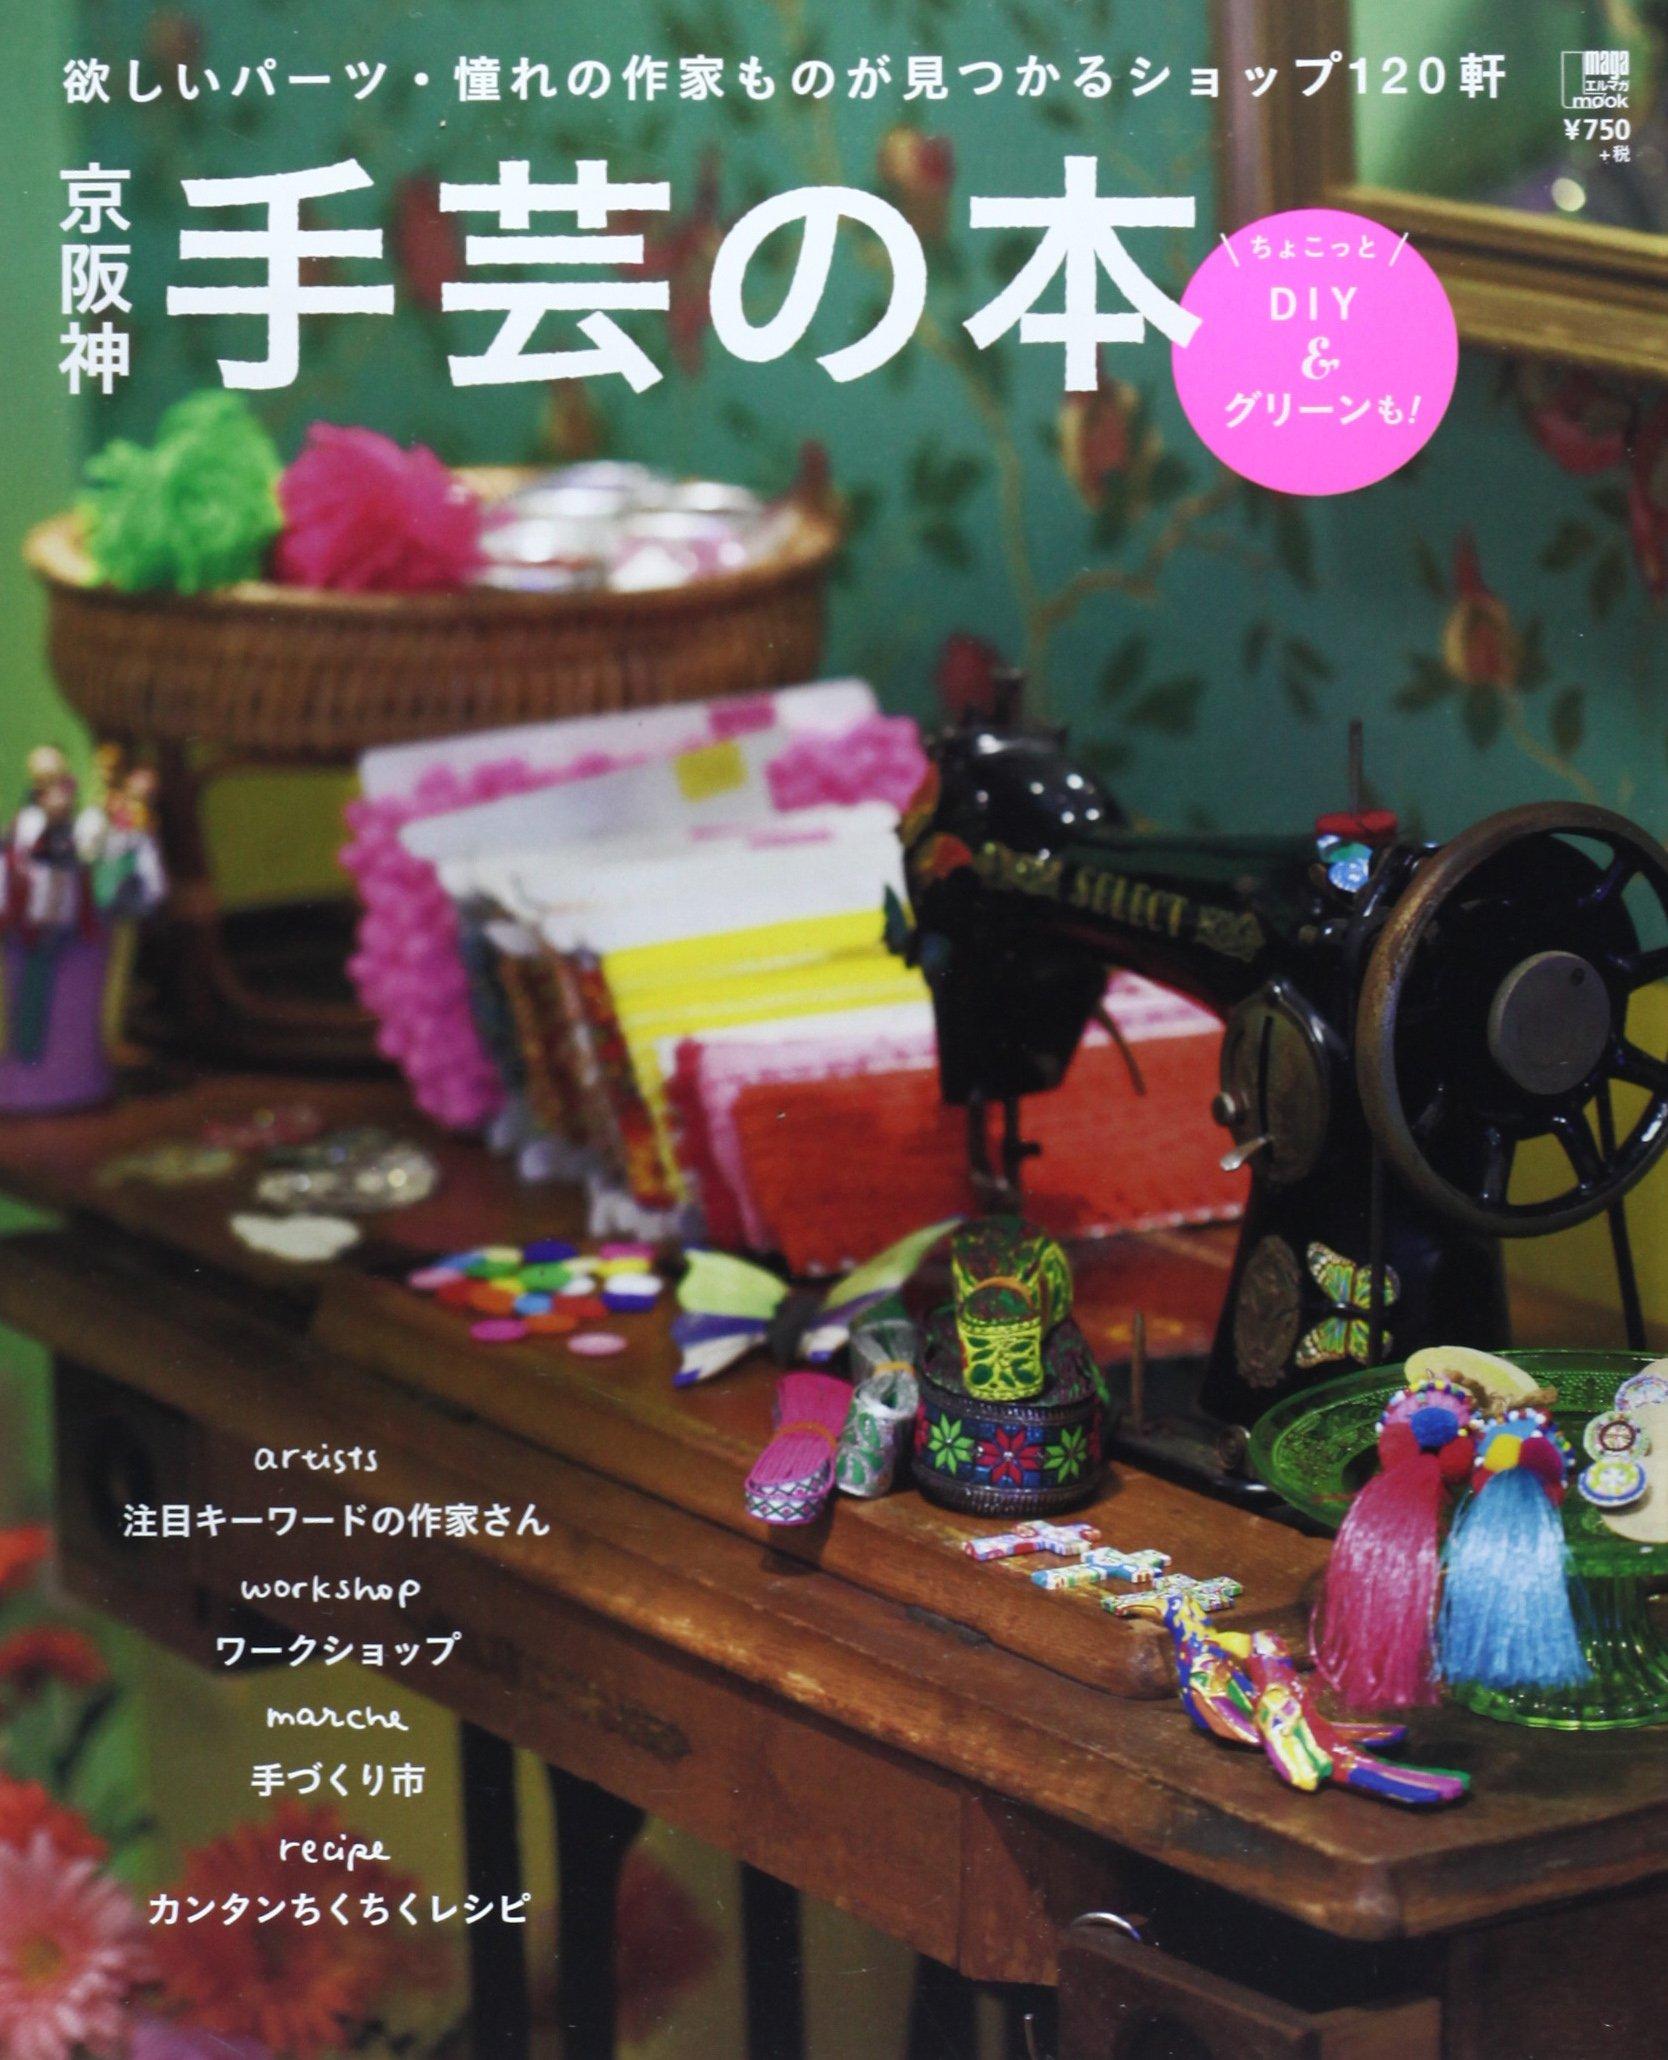 京阪神 手芸の本2014年02月京阪神エルマガジン社